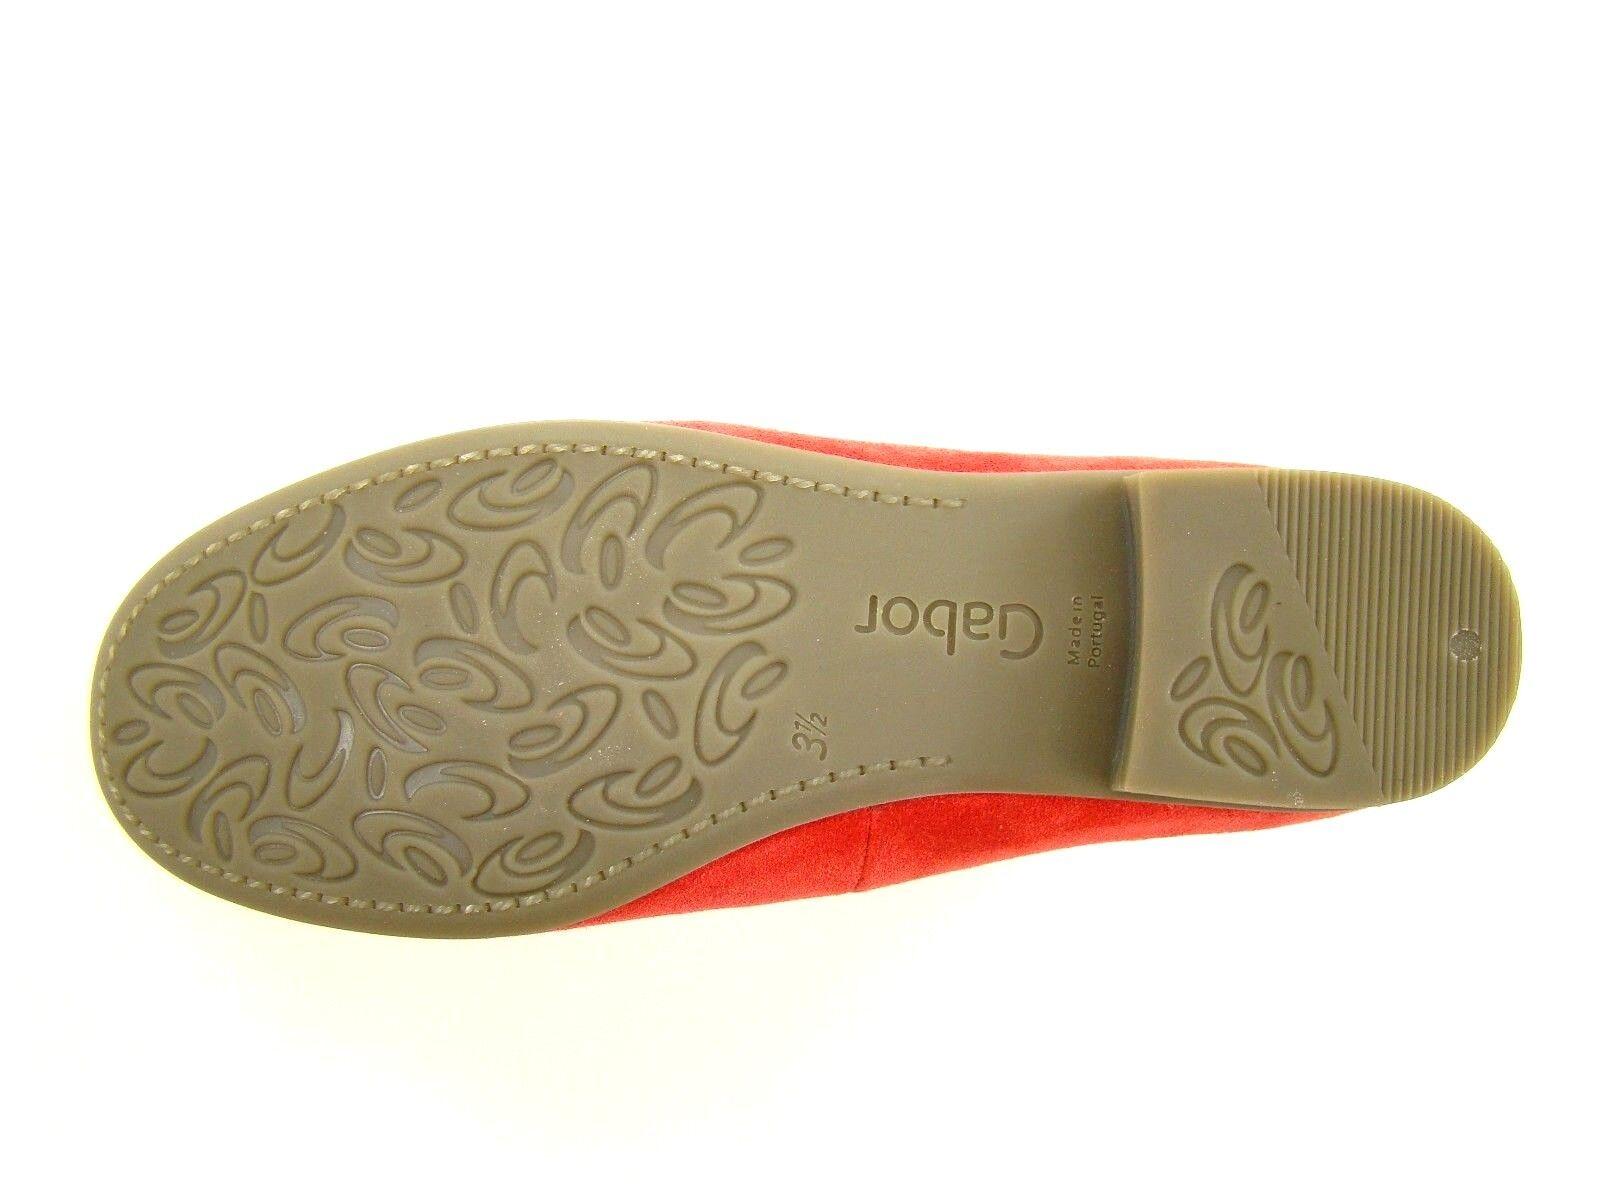 2944 GABOR Mokassins 5 38 NEU Leder Loafer Slipper Loafer Leder flache Schuhe Damen rot ee05cd